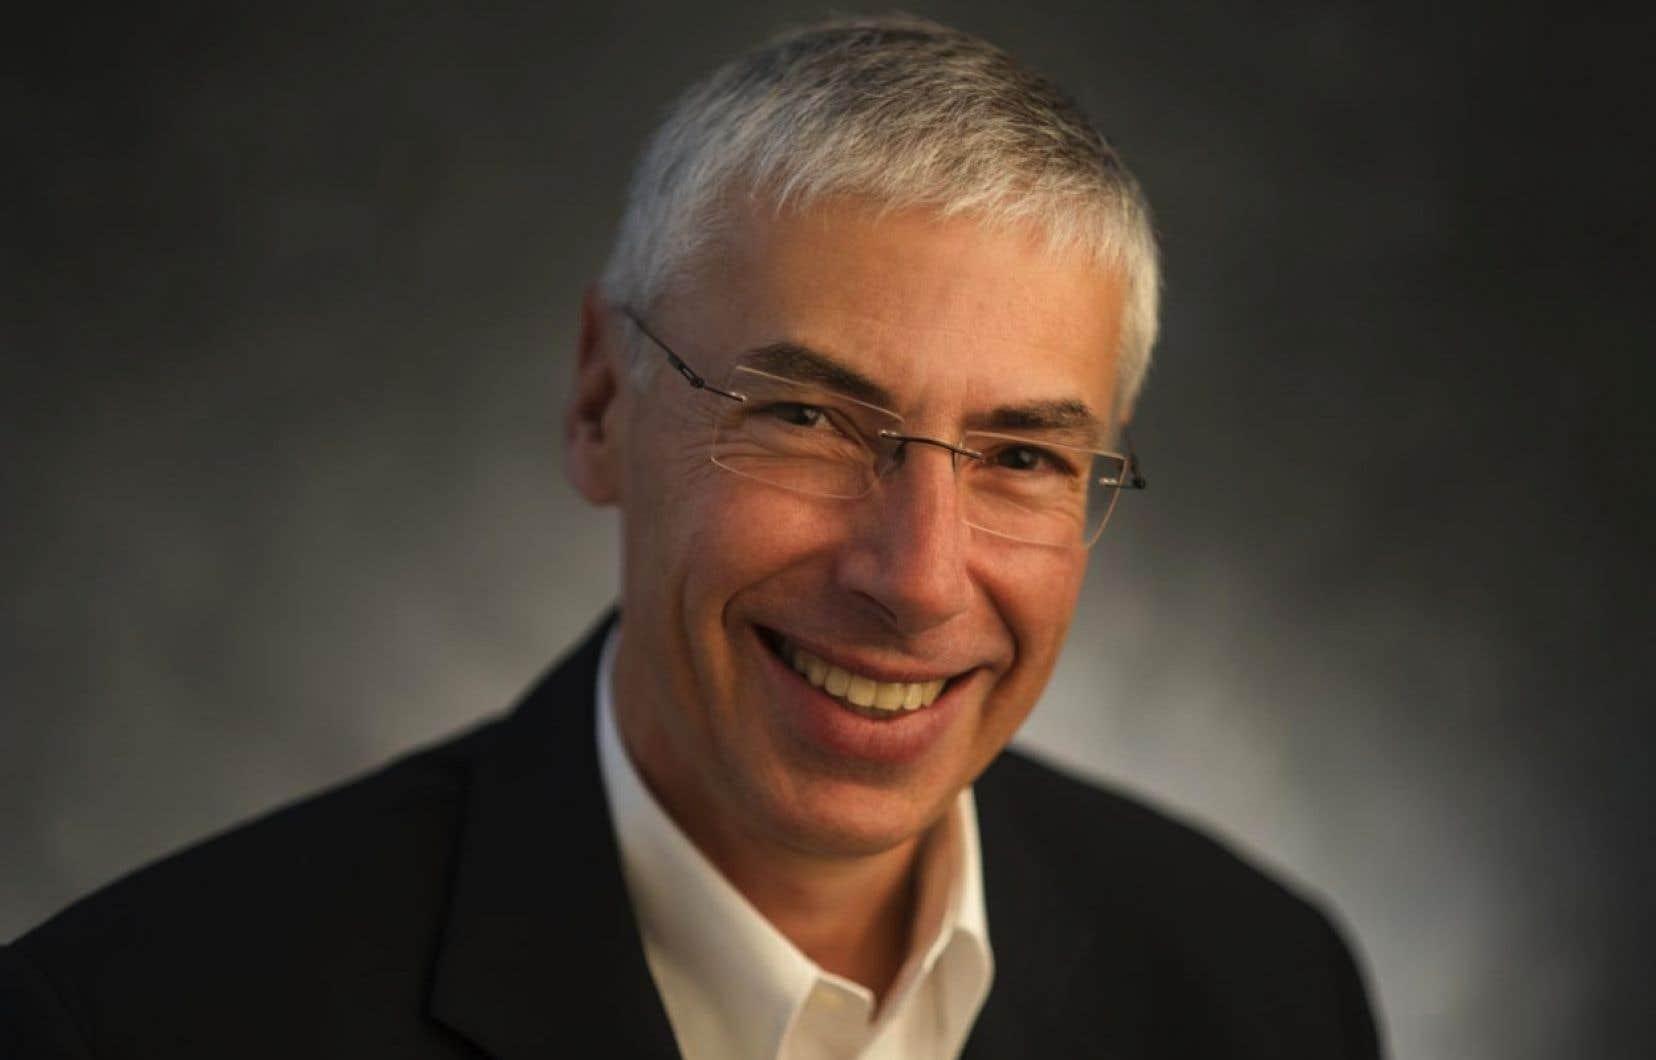 Le commissaire Claude Joli-Coeur a vu son mandat renouvelé pour trois ans.